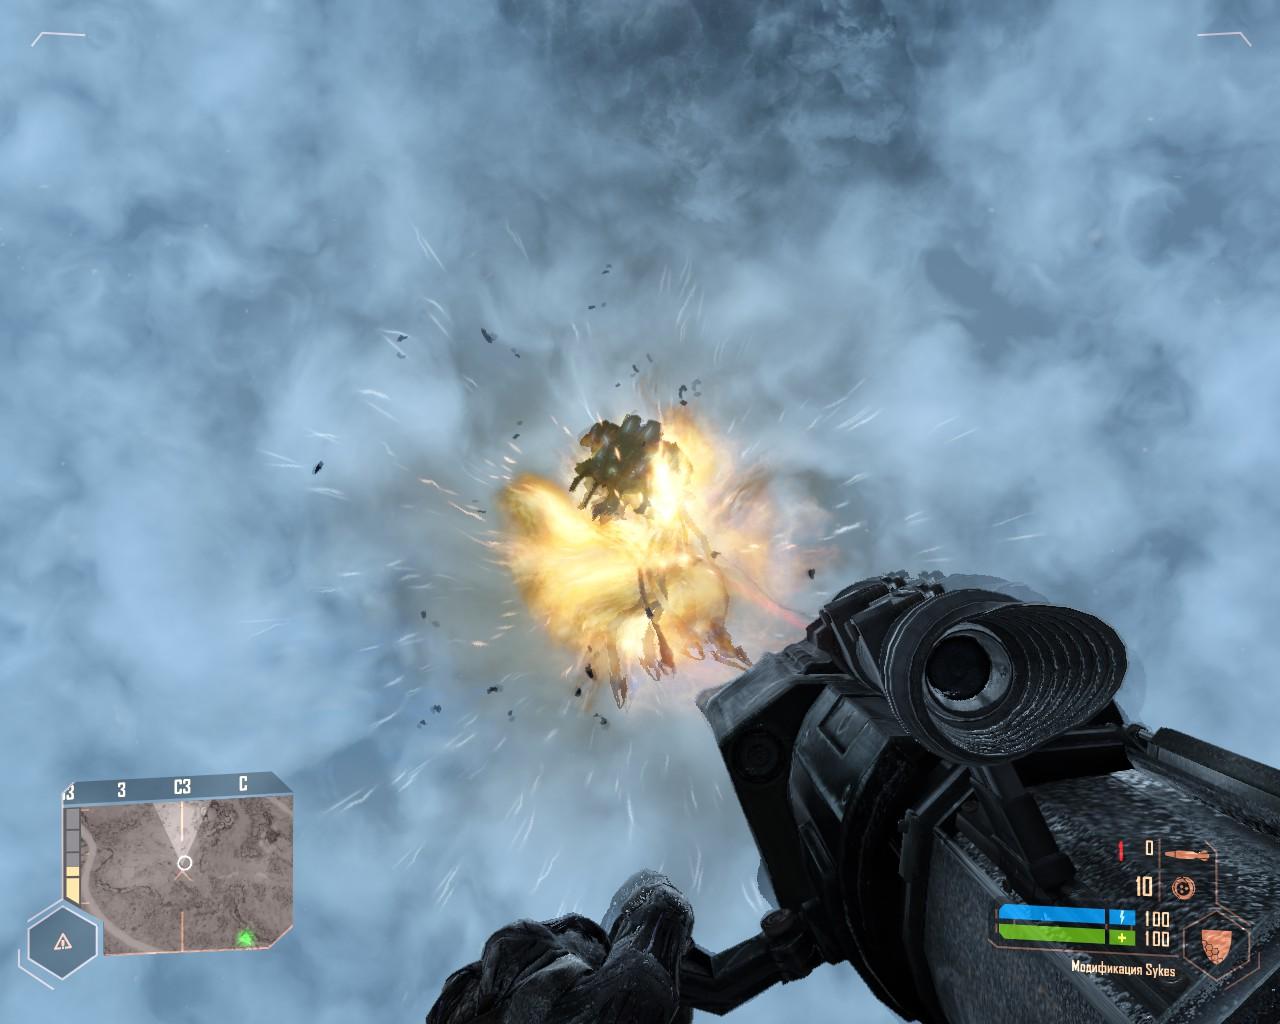 Crysis64 2014-08-16 17-27-28-64.jpg - Crysis Warhead